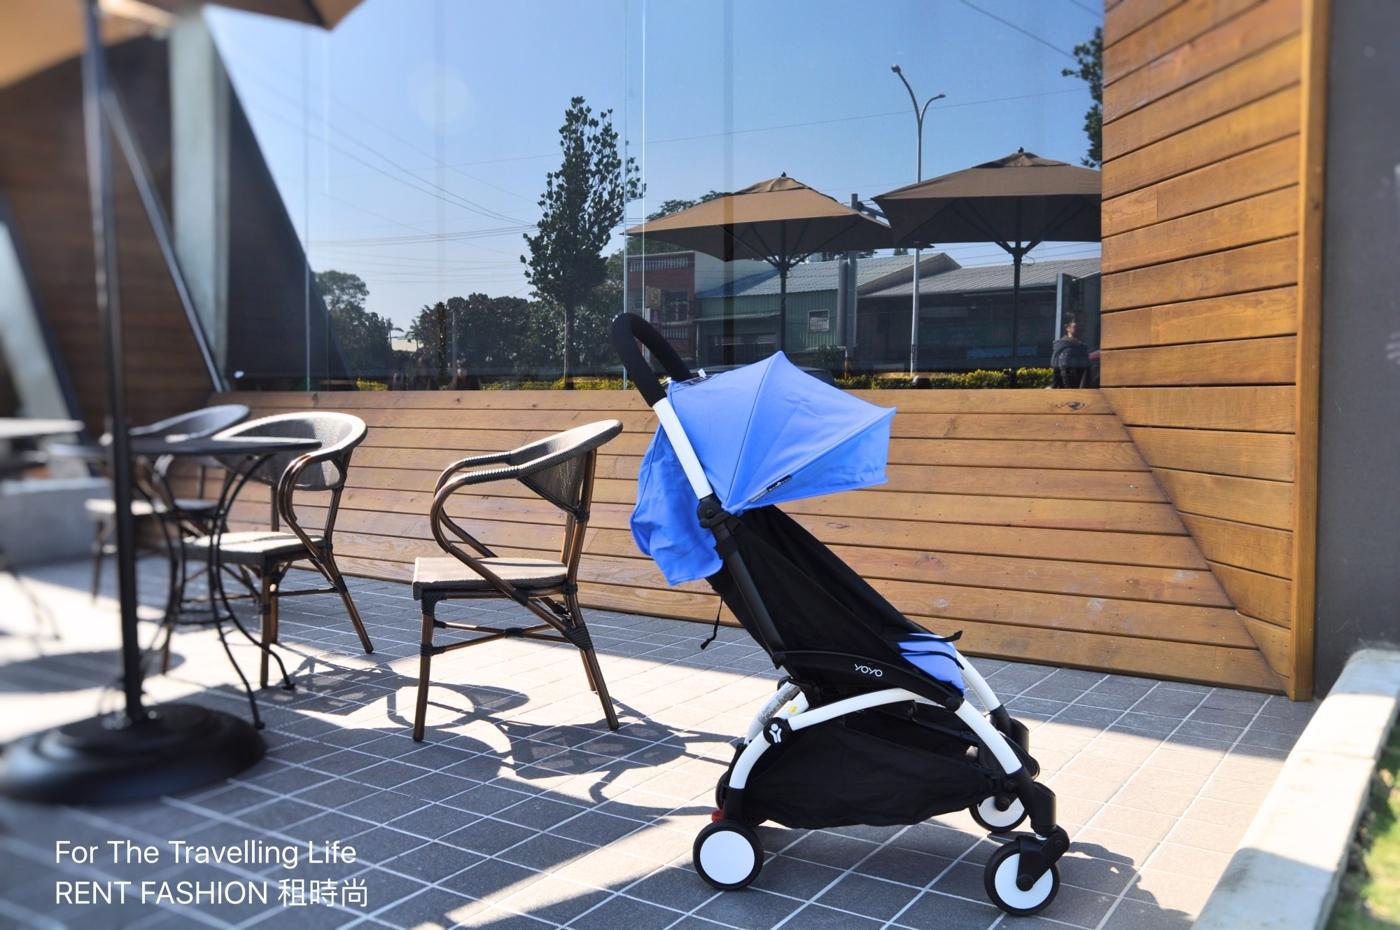 時尚品味嬰兒車出租3天日本三代口袋型推車POCKIT及yoyo新生兒時尚推車出租